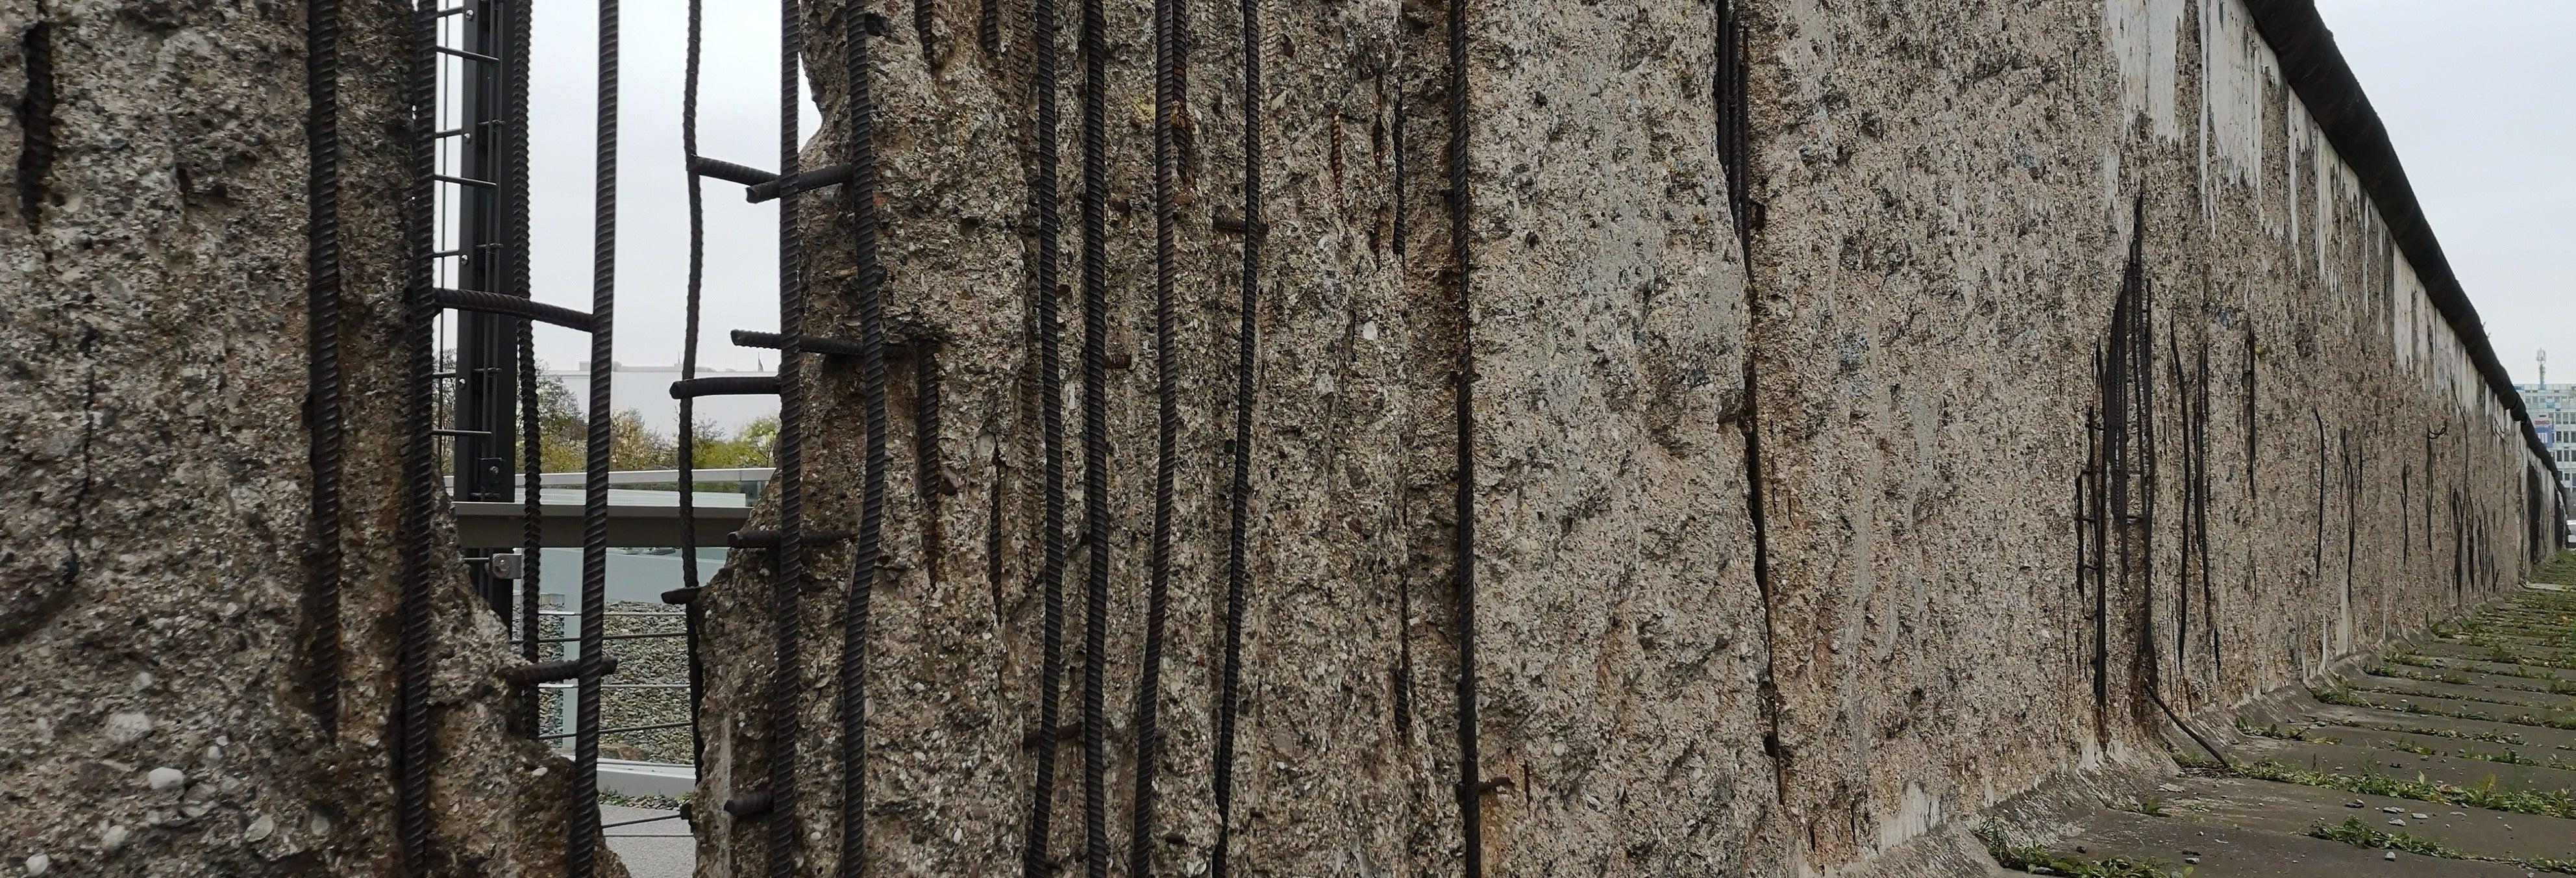 Free tour do Muro de Berlim e a Guerra Fria. Grátis!